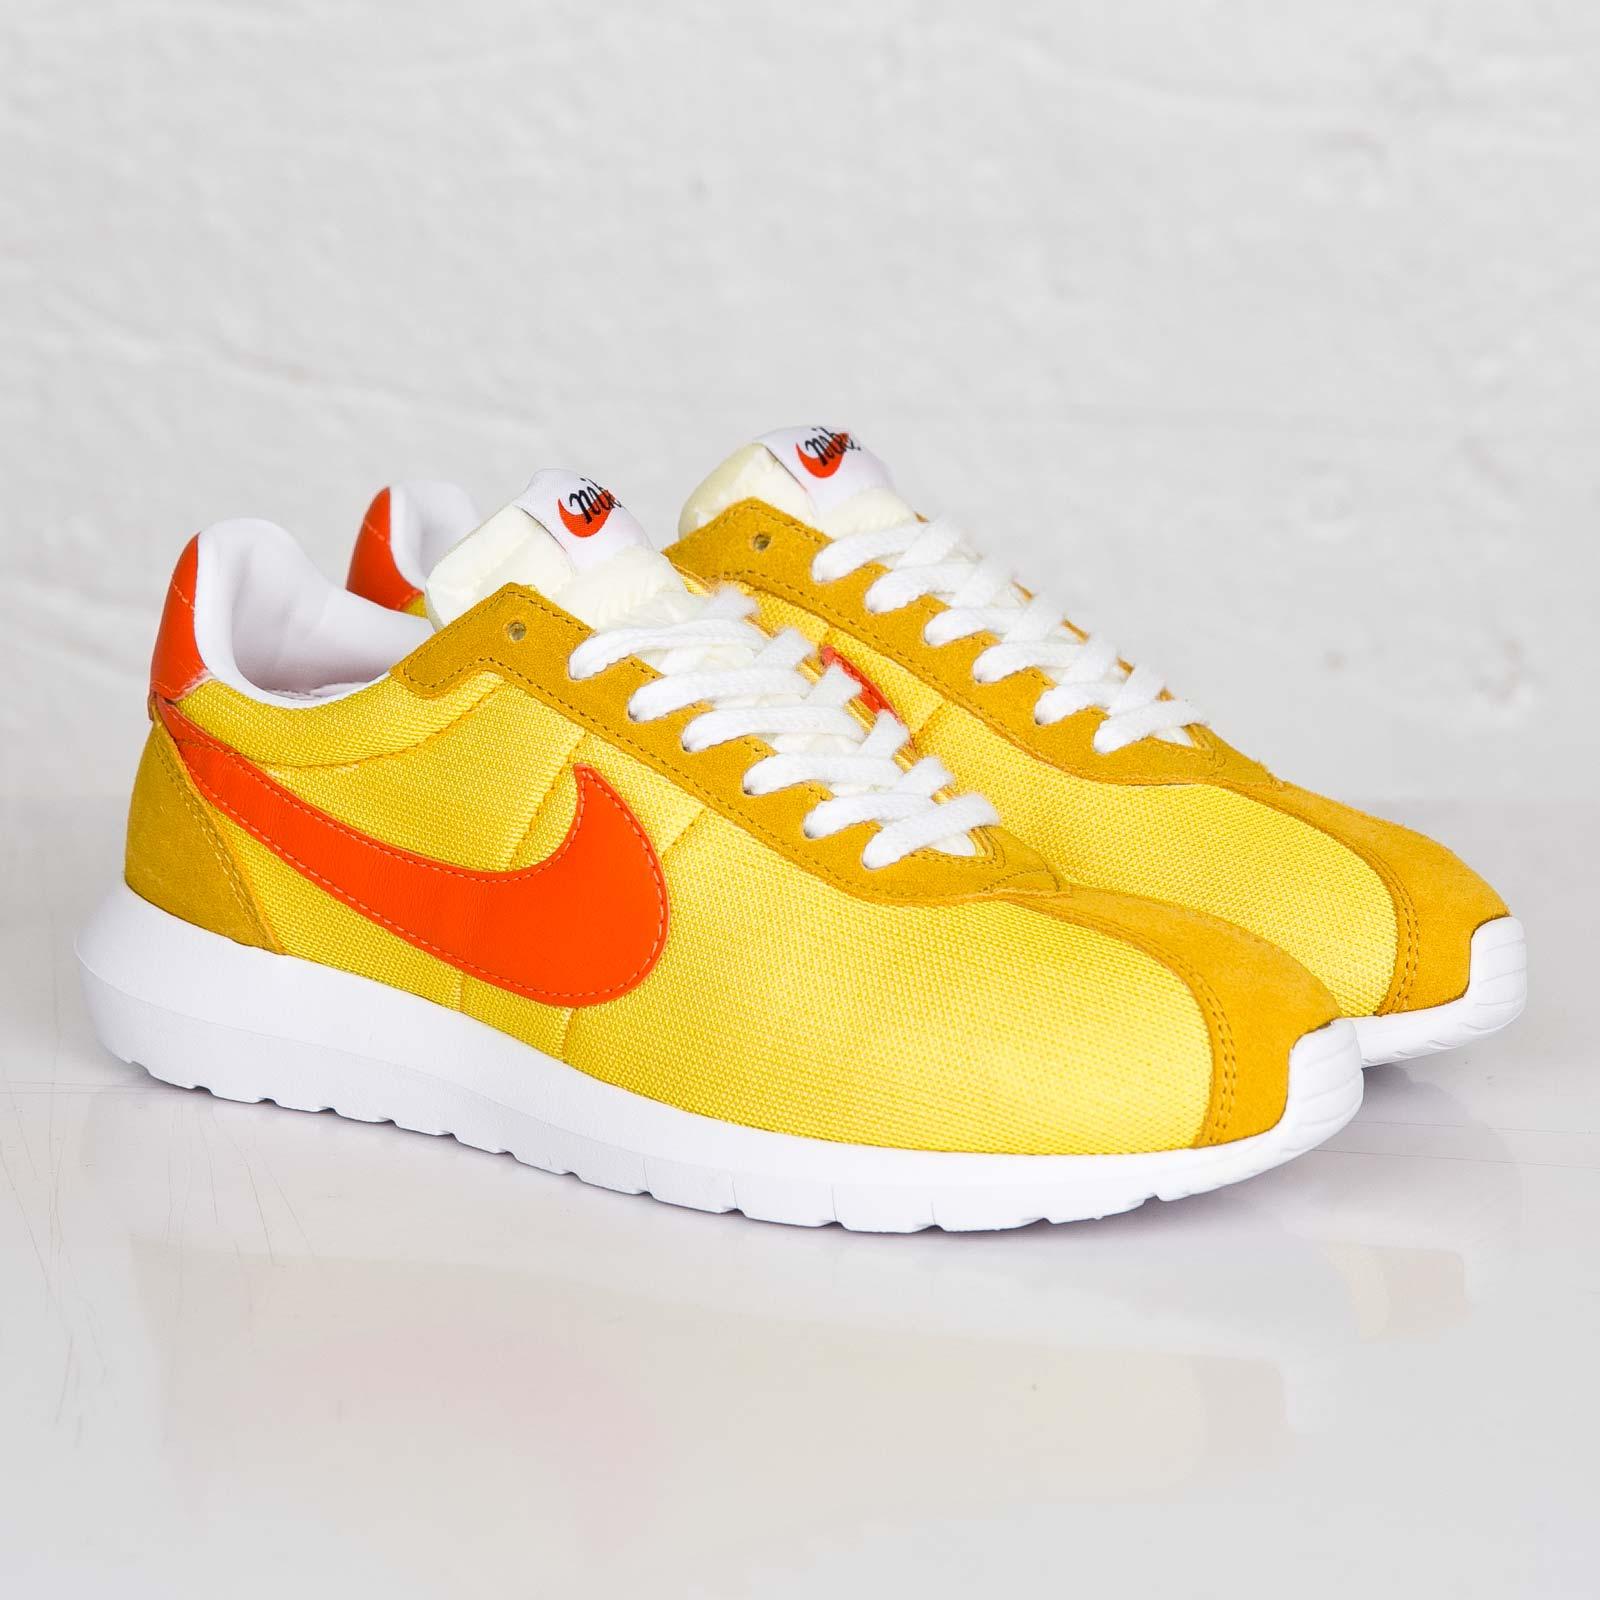 f7eb7c77a9e44 Nike Roshe ld-1000 SP   Fragment - 709657-781 - Sneakersnstuff ...